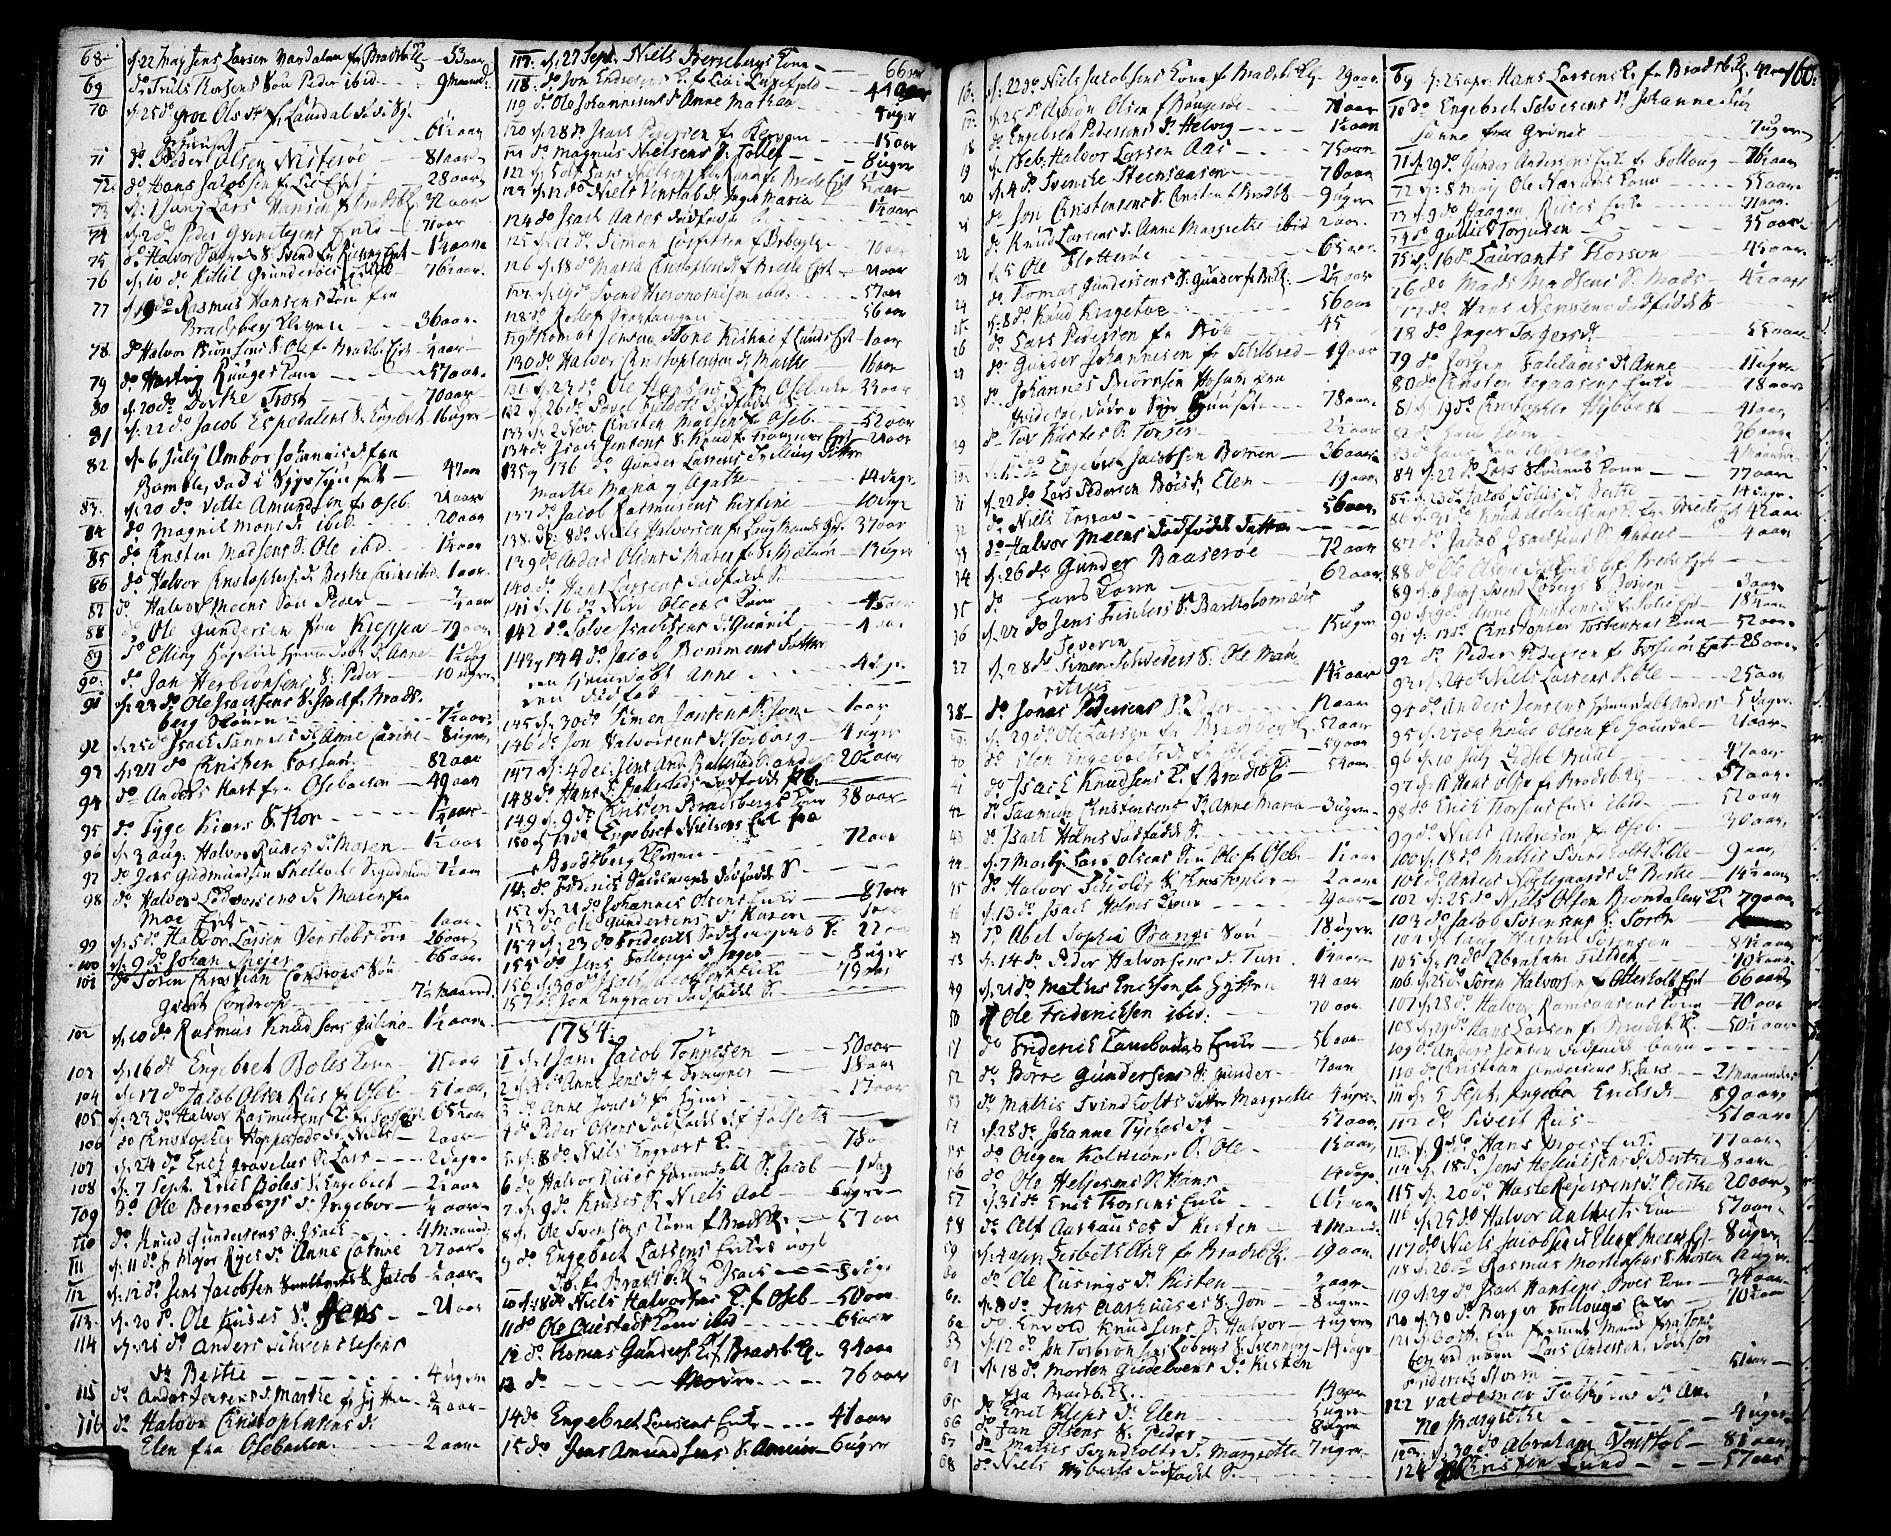 SAKO, Gjerpen kirkebøker, F/Fa/L0002: Ministerialbok nr. 2, 1747-1795, s. 160